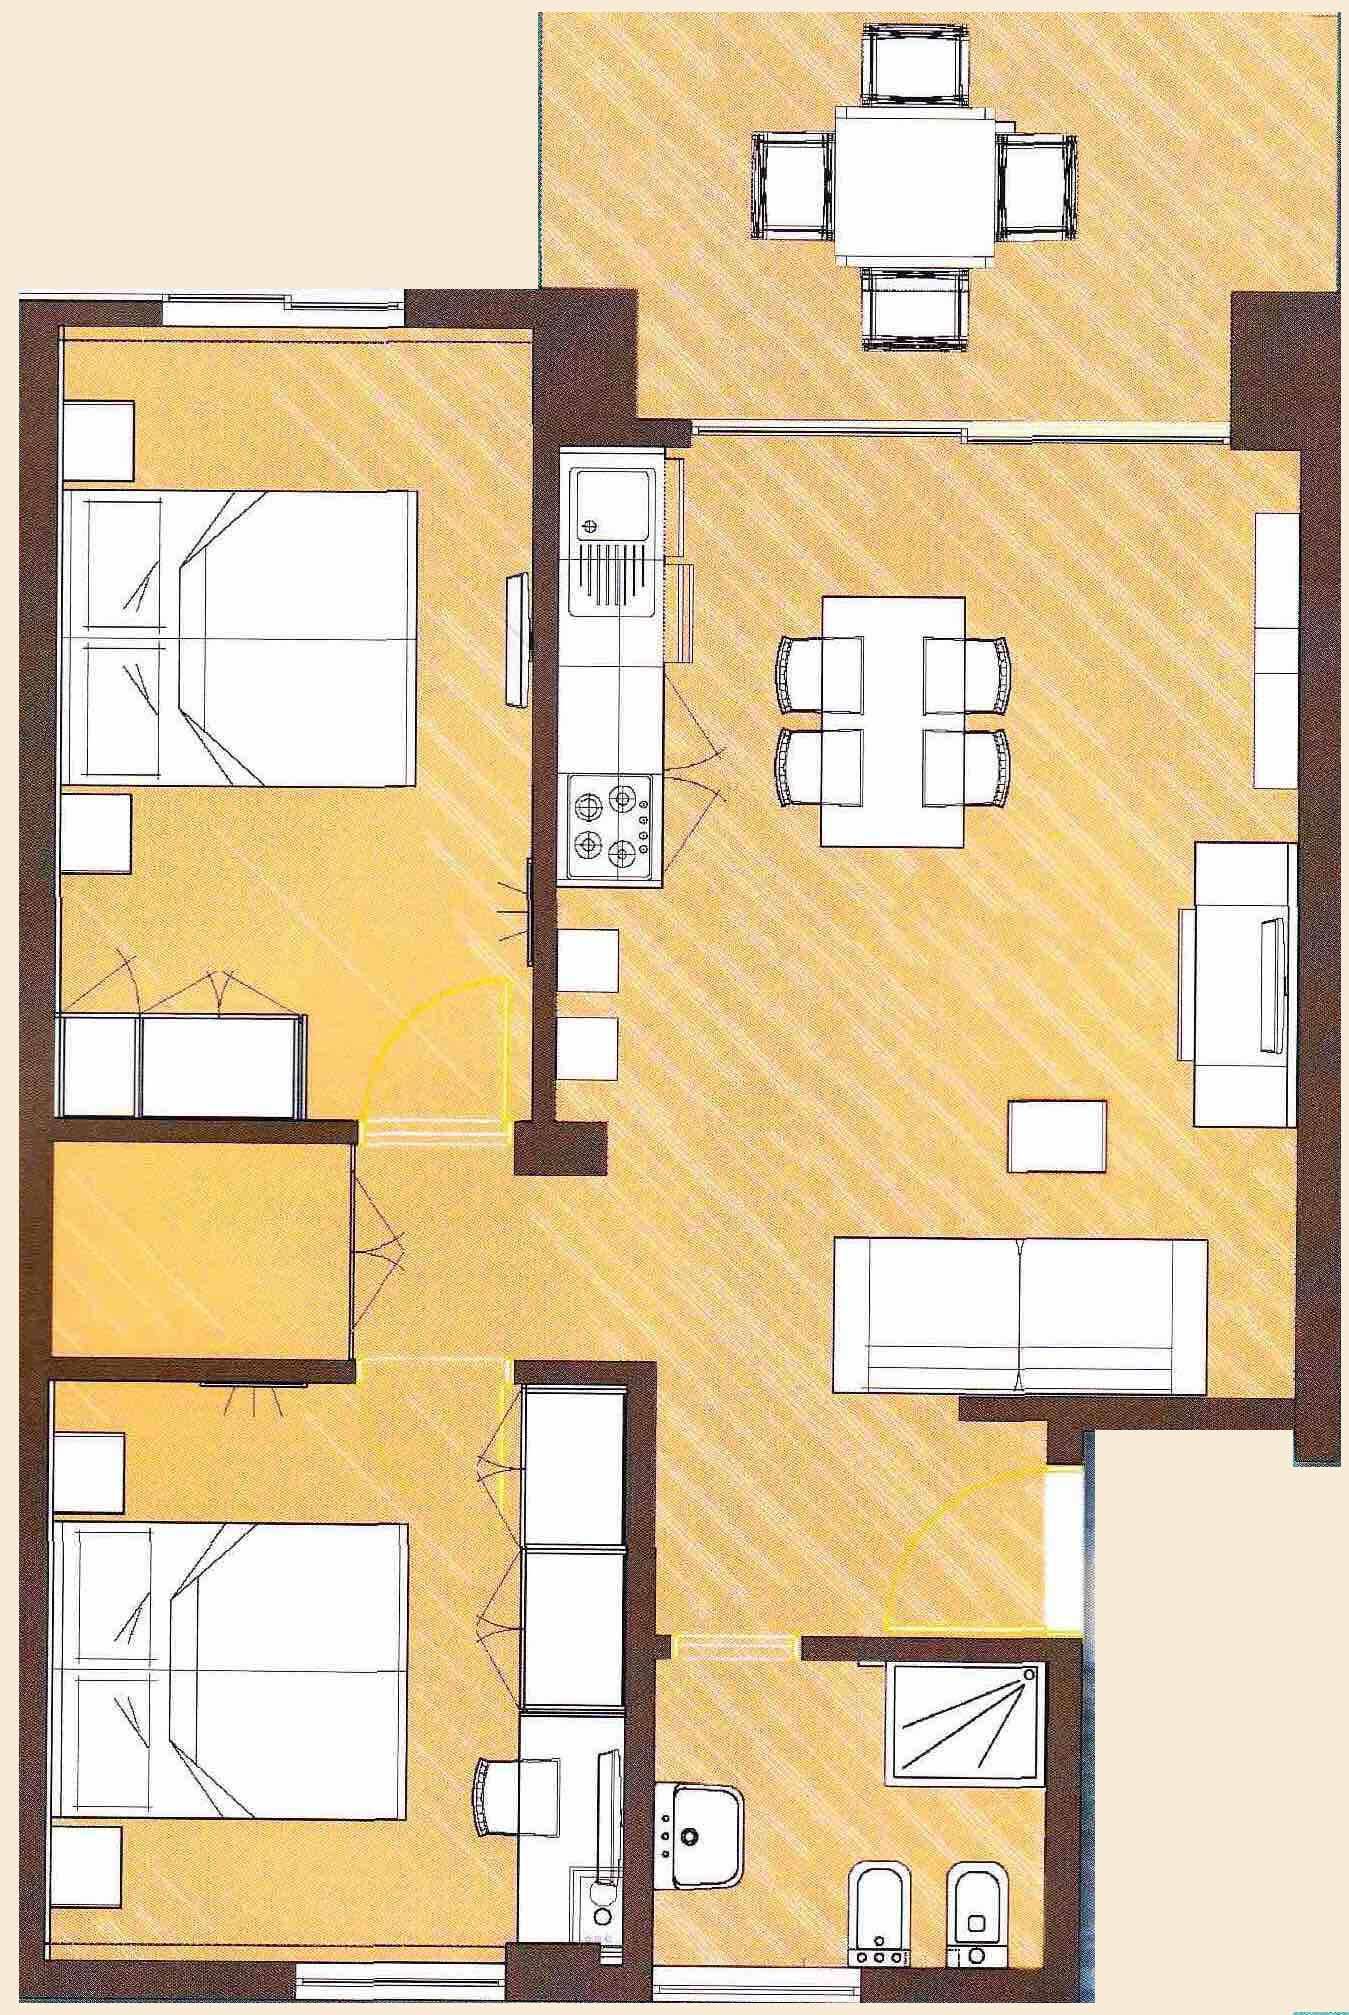 Apartment - C floor plan